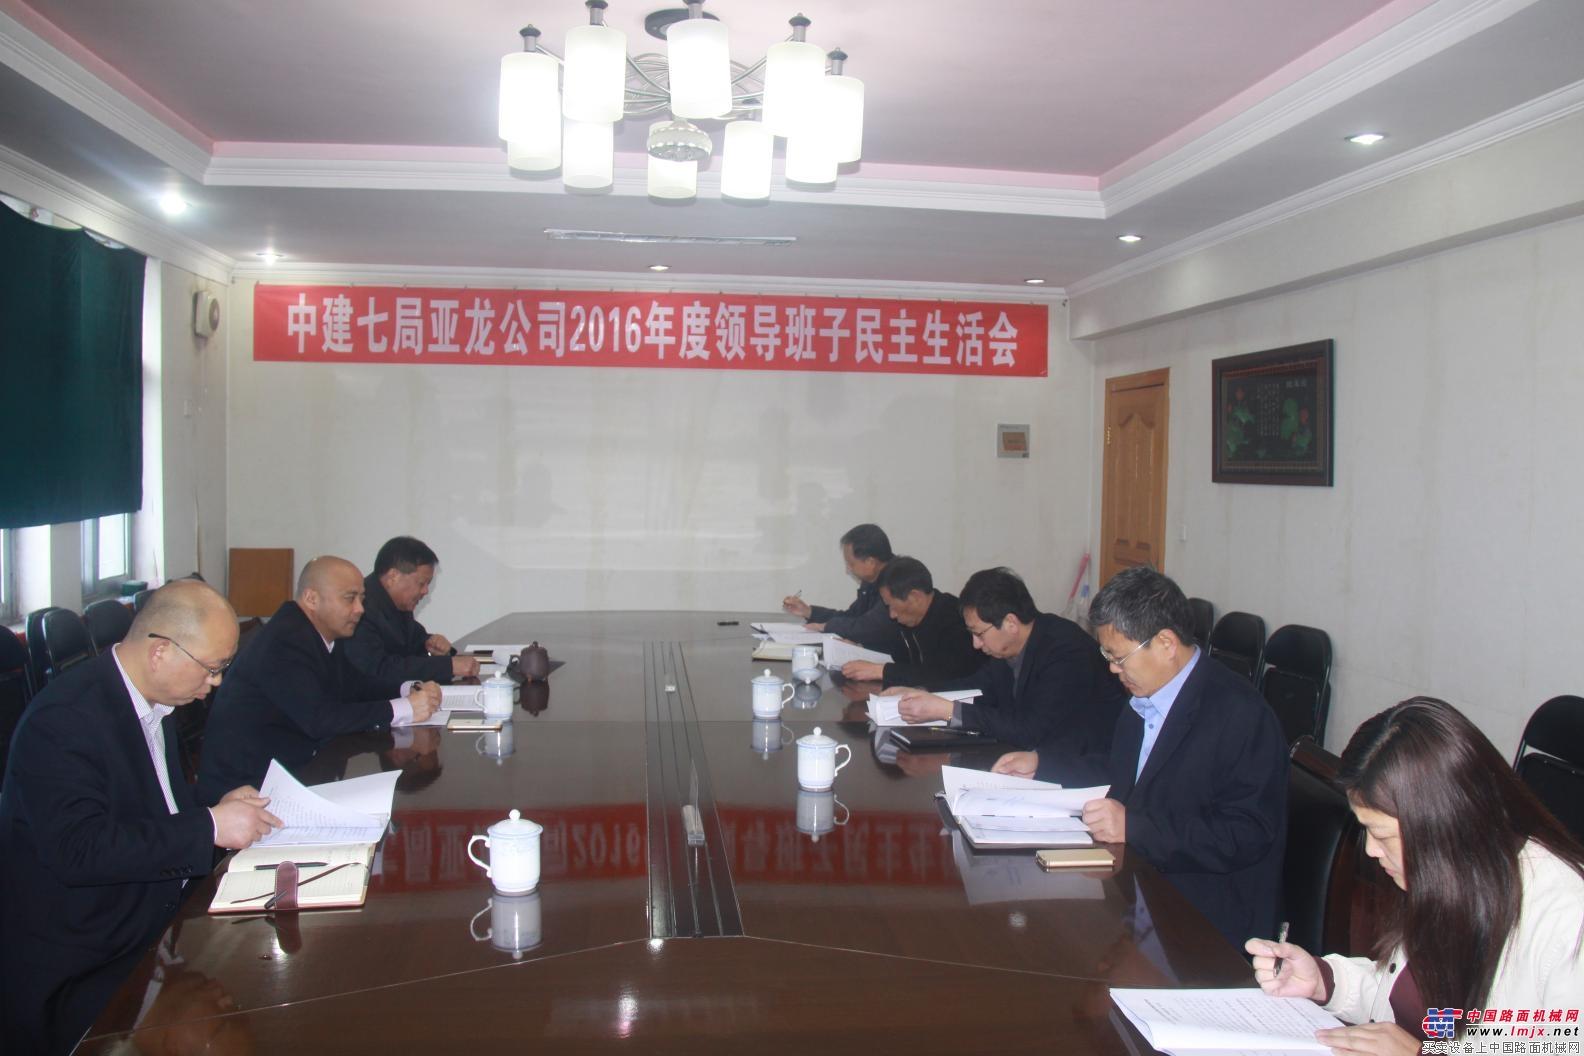 亚龙公司召开2016年度领导班子民主生活会 阳春三月明媚天